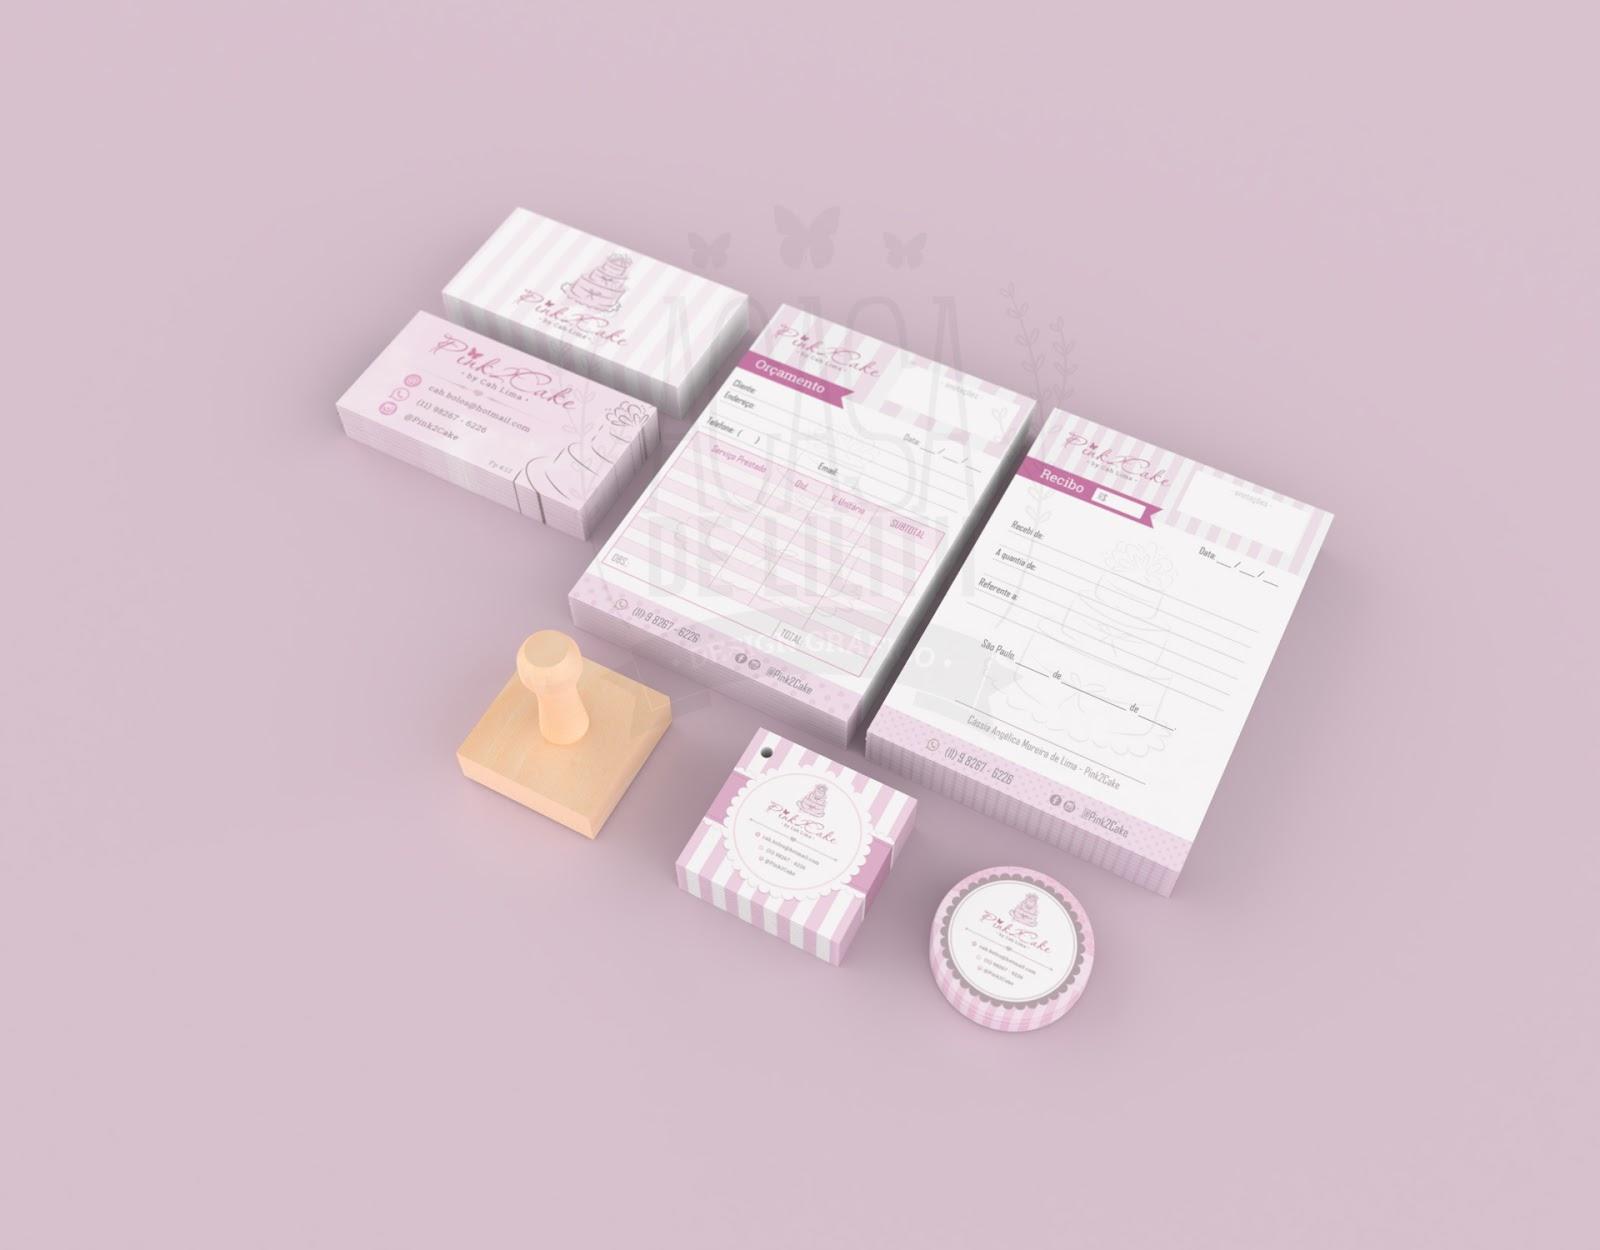 Criação de Identidade Visual - Pink2Cake: Logotipo, Ilustração, Adesivo, Cartão de Visita, Tag e Talões de Orçamento e Recibo e Carimbo